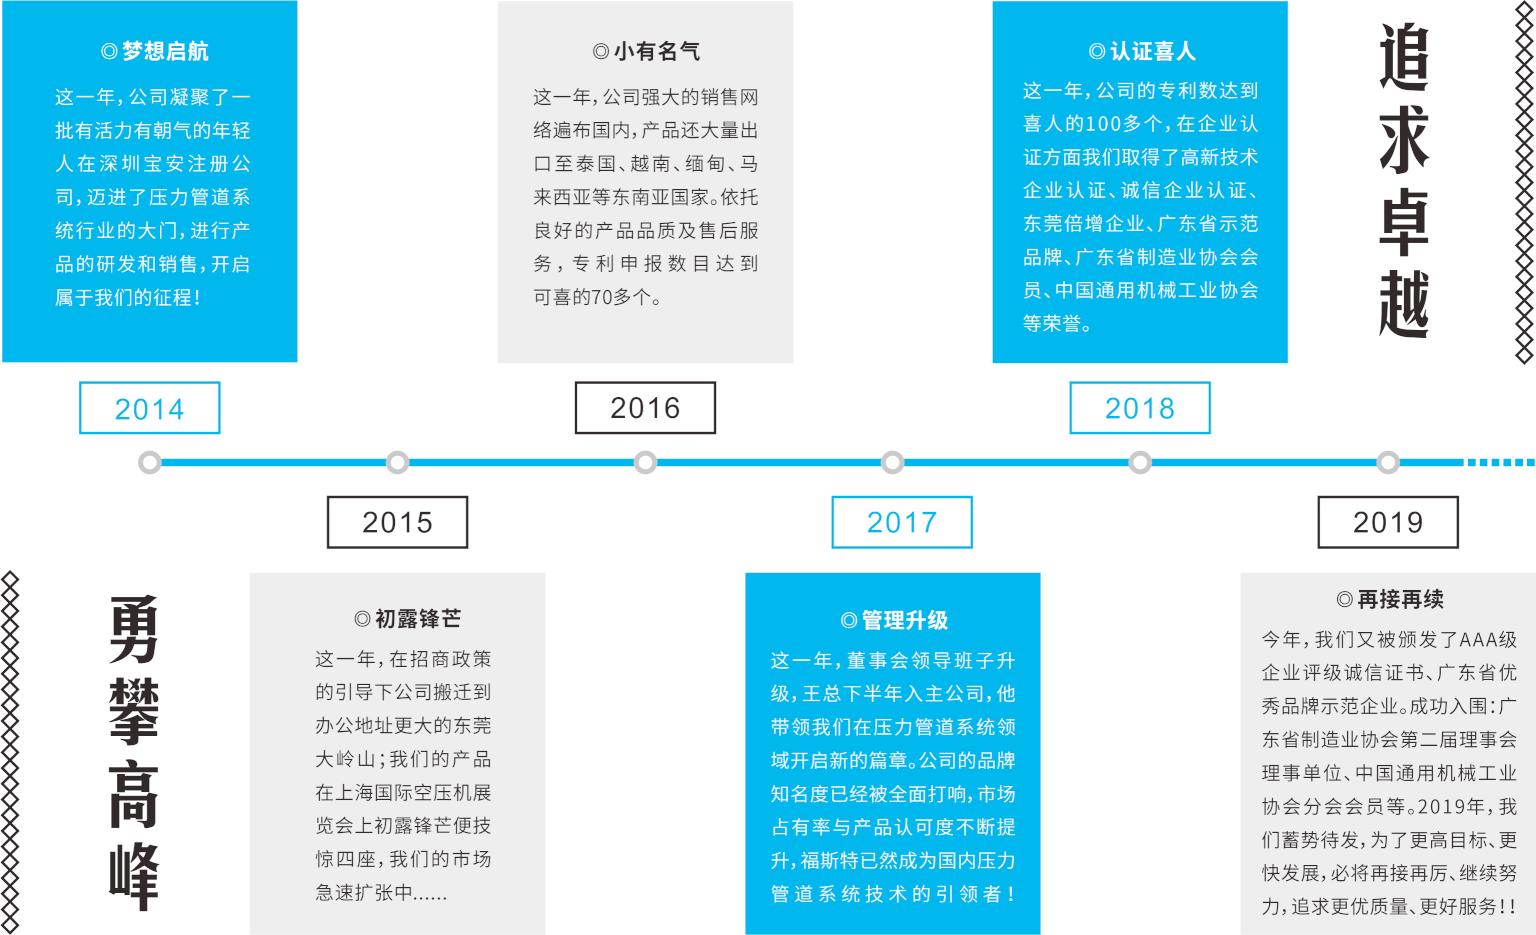 福斯特品牌历程